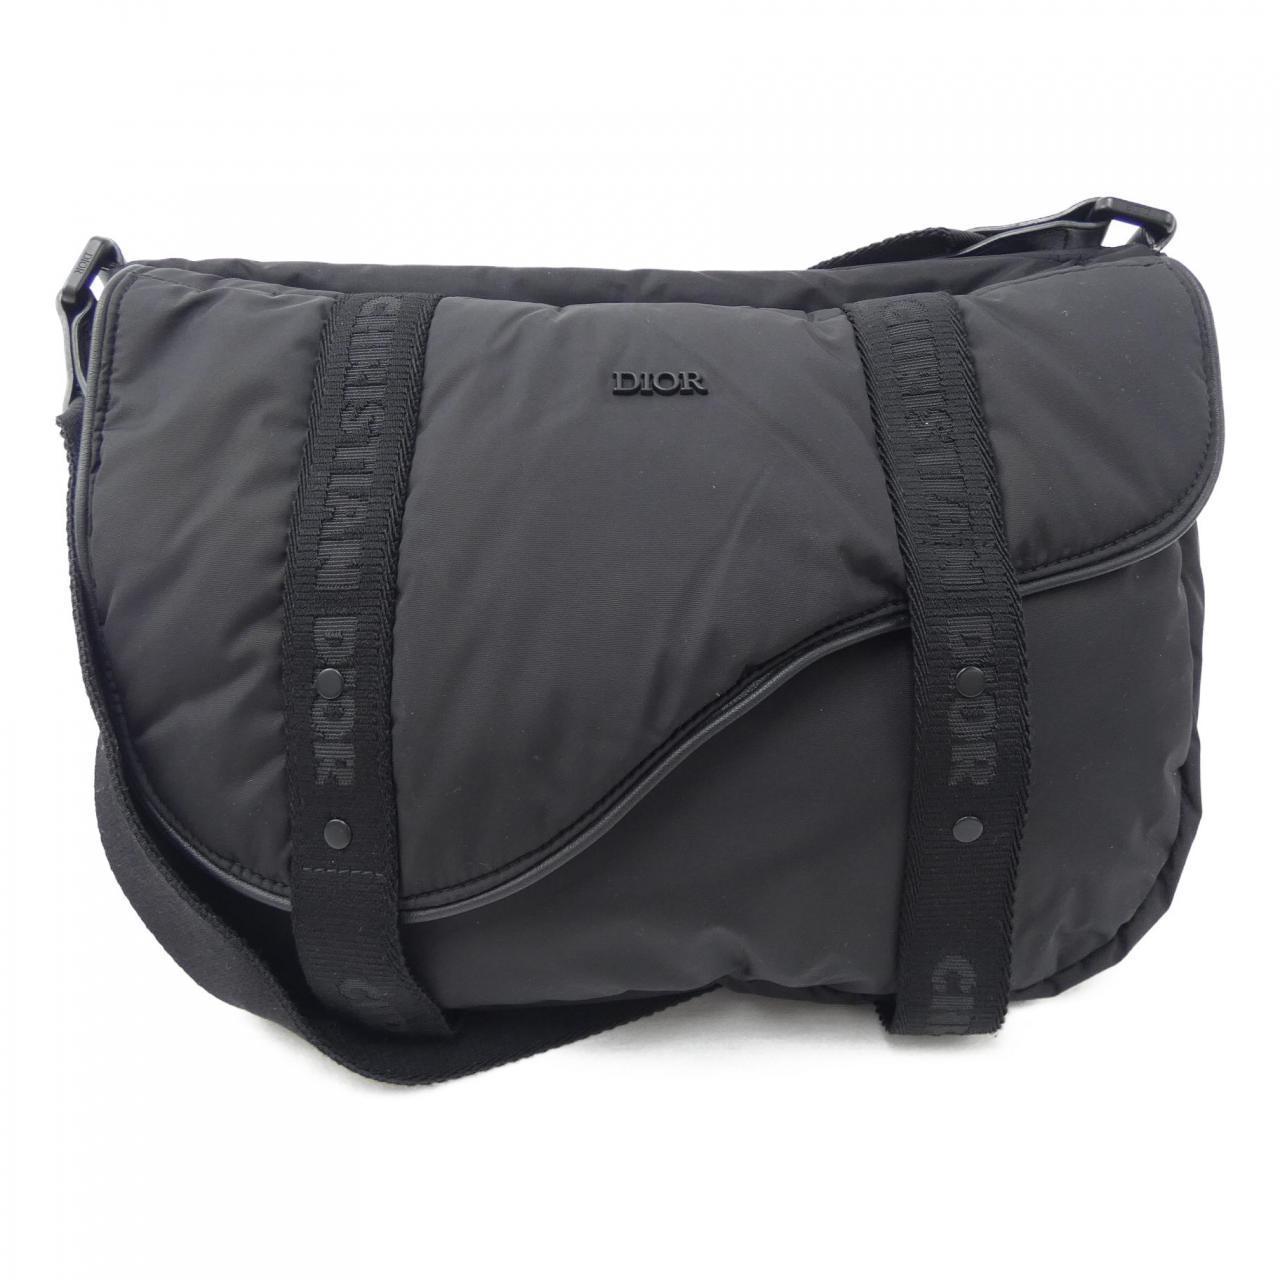 Diorの黒ショルダーバッグ